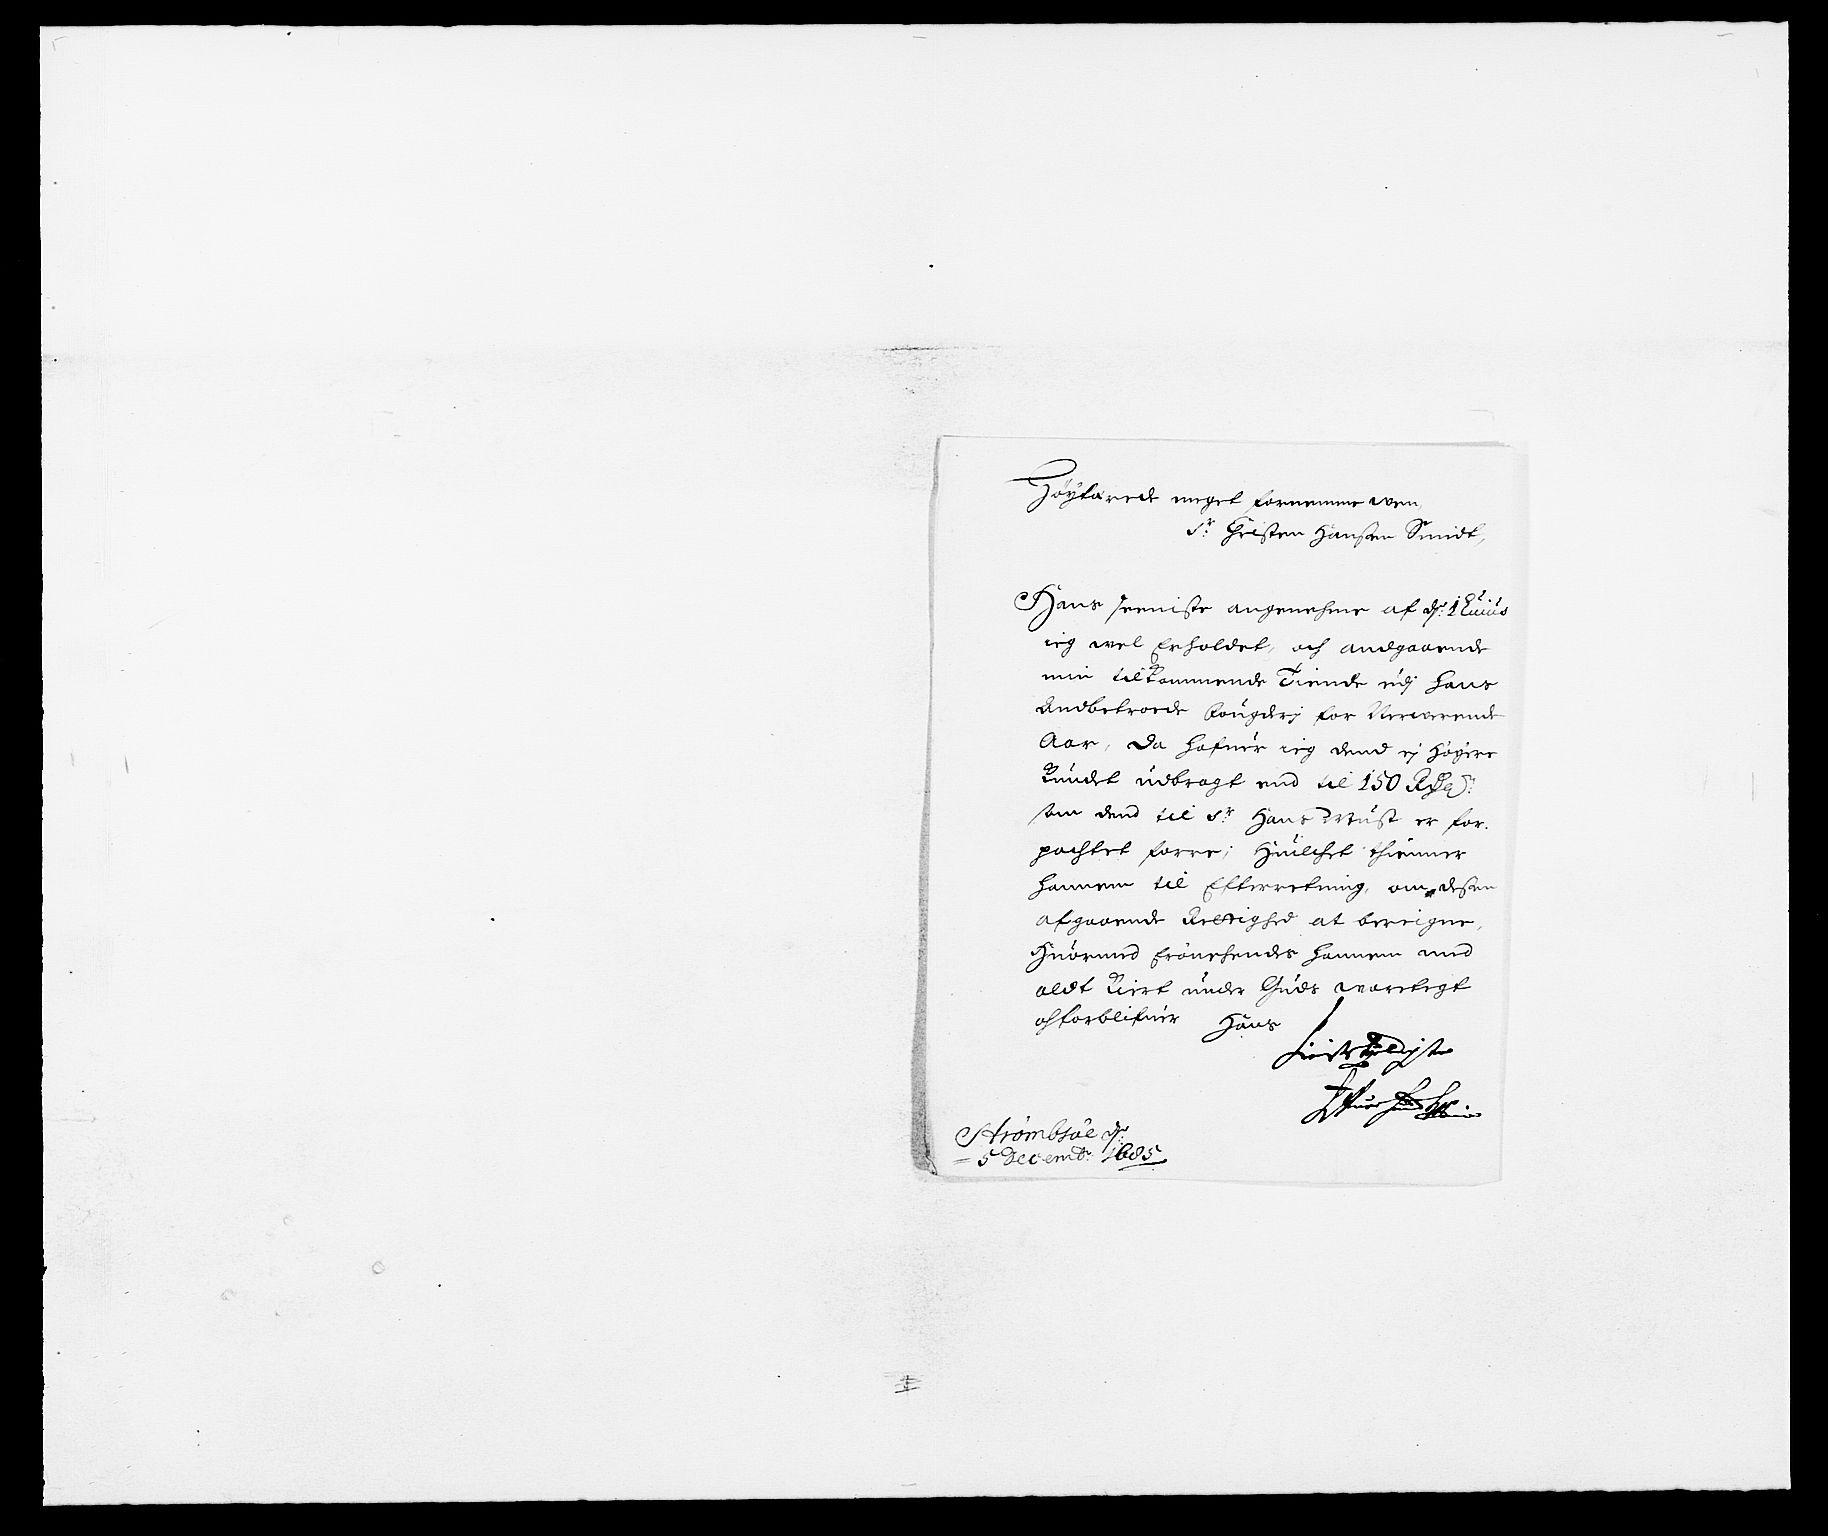 RA, Rentekammeret inntil 1814, Reviderte regnskaper, Fogderegnskap, R08/L0421: Fogderegnskap Aker, 1682-1683, s. 138